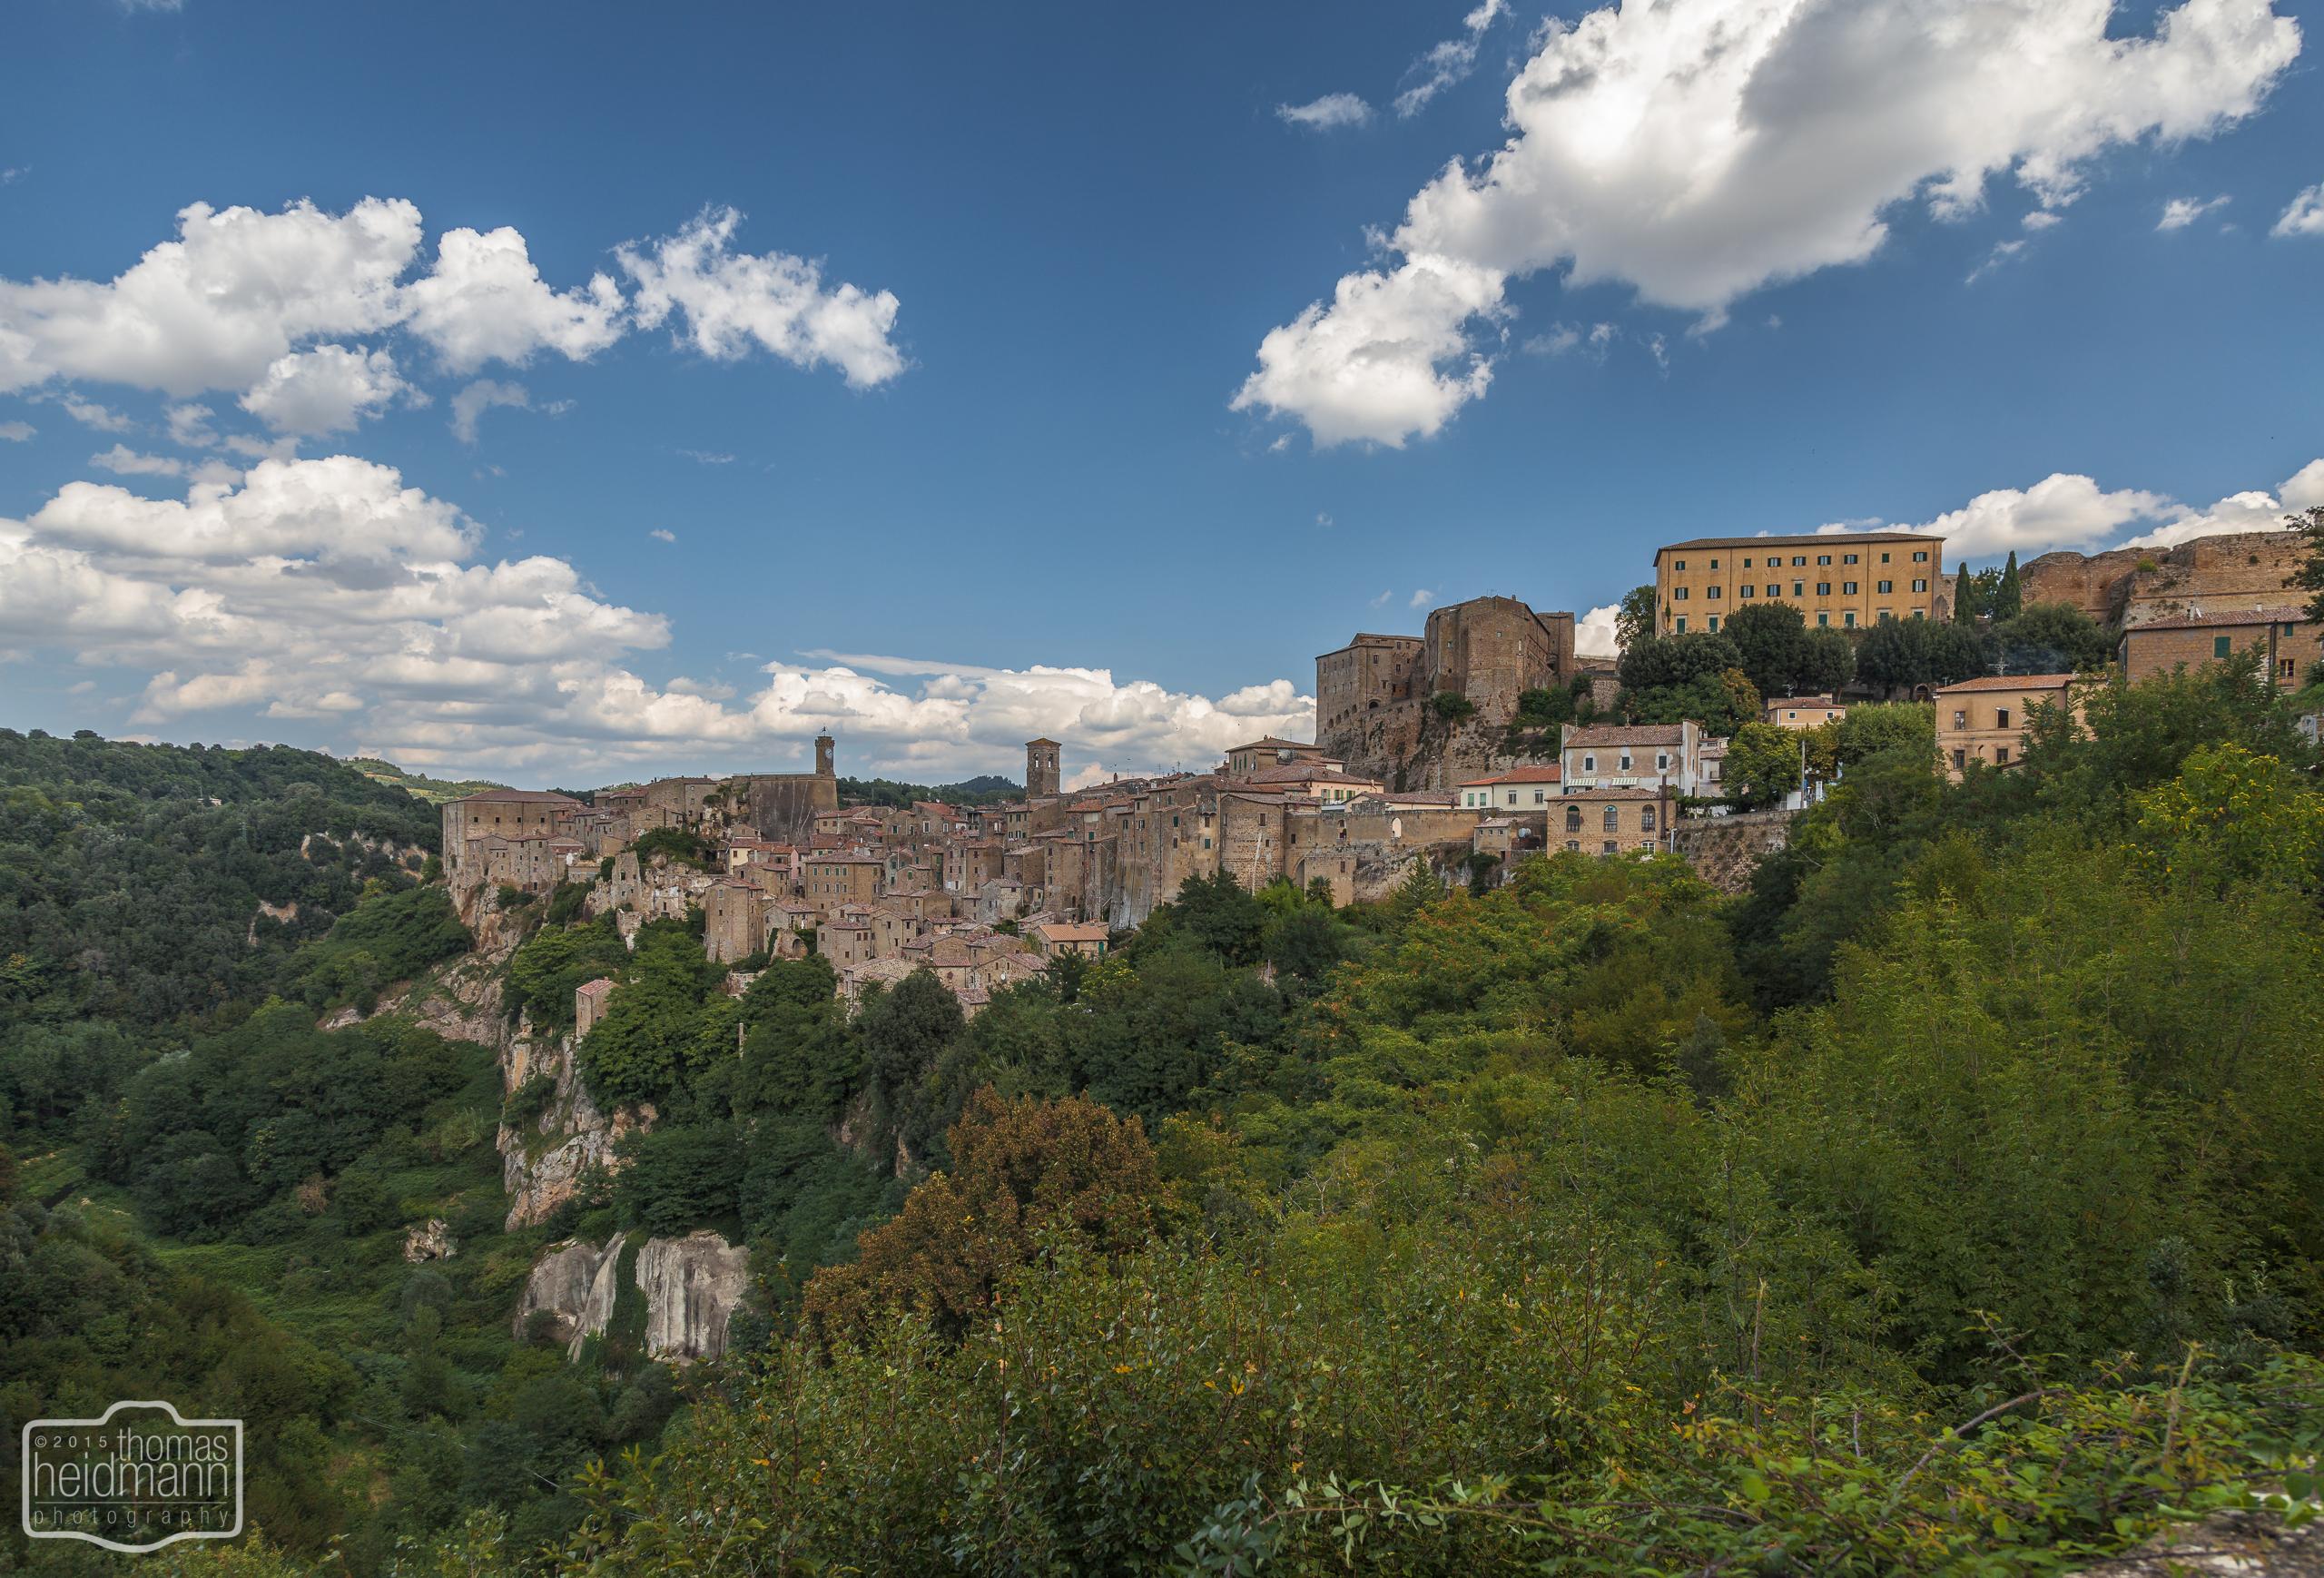 Sorano (Süd-Toskana)